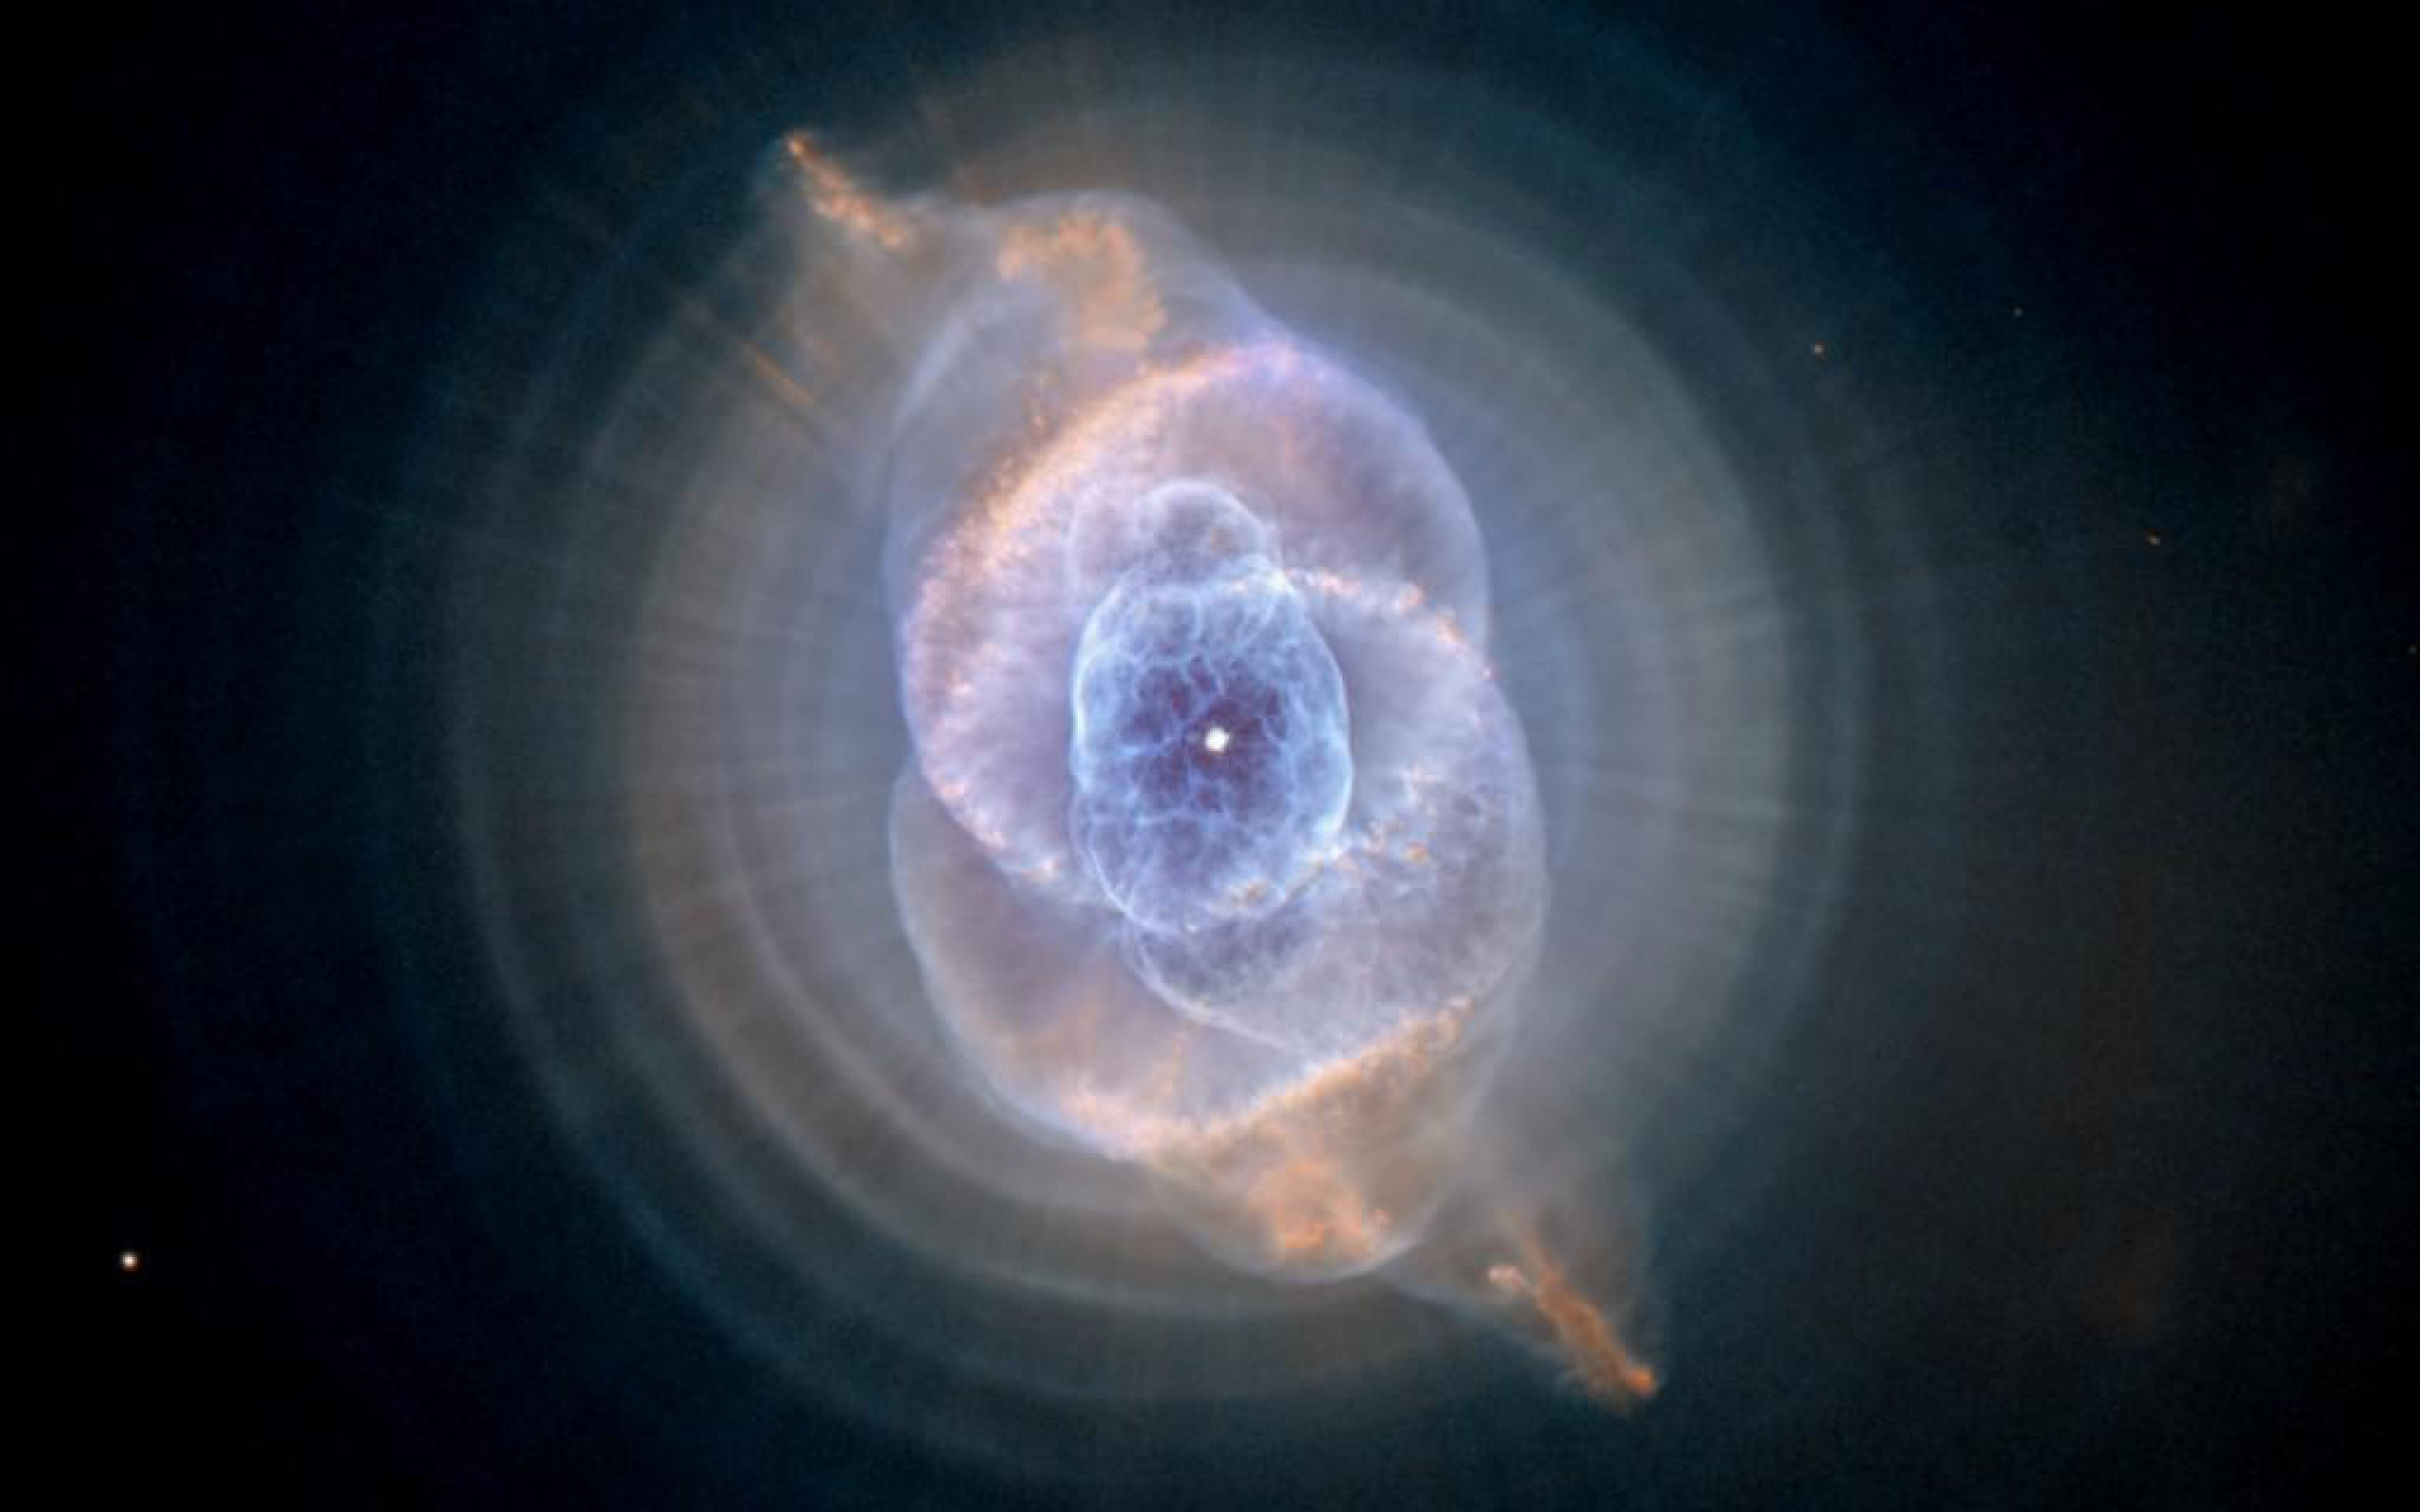 Cats Eye Nebula Wallpaper - Pics about space